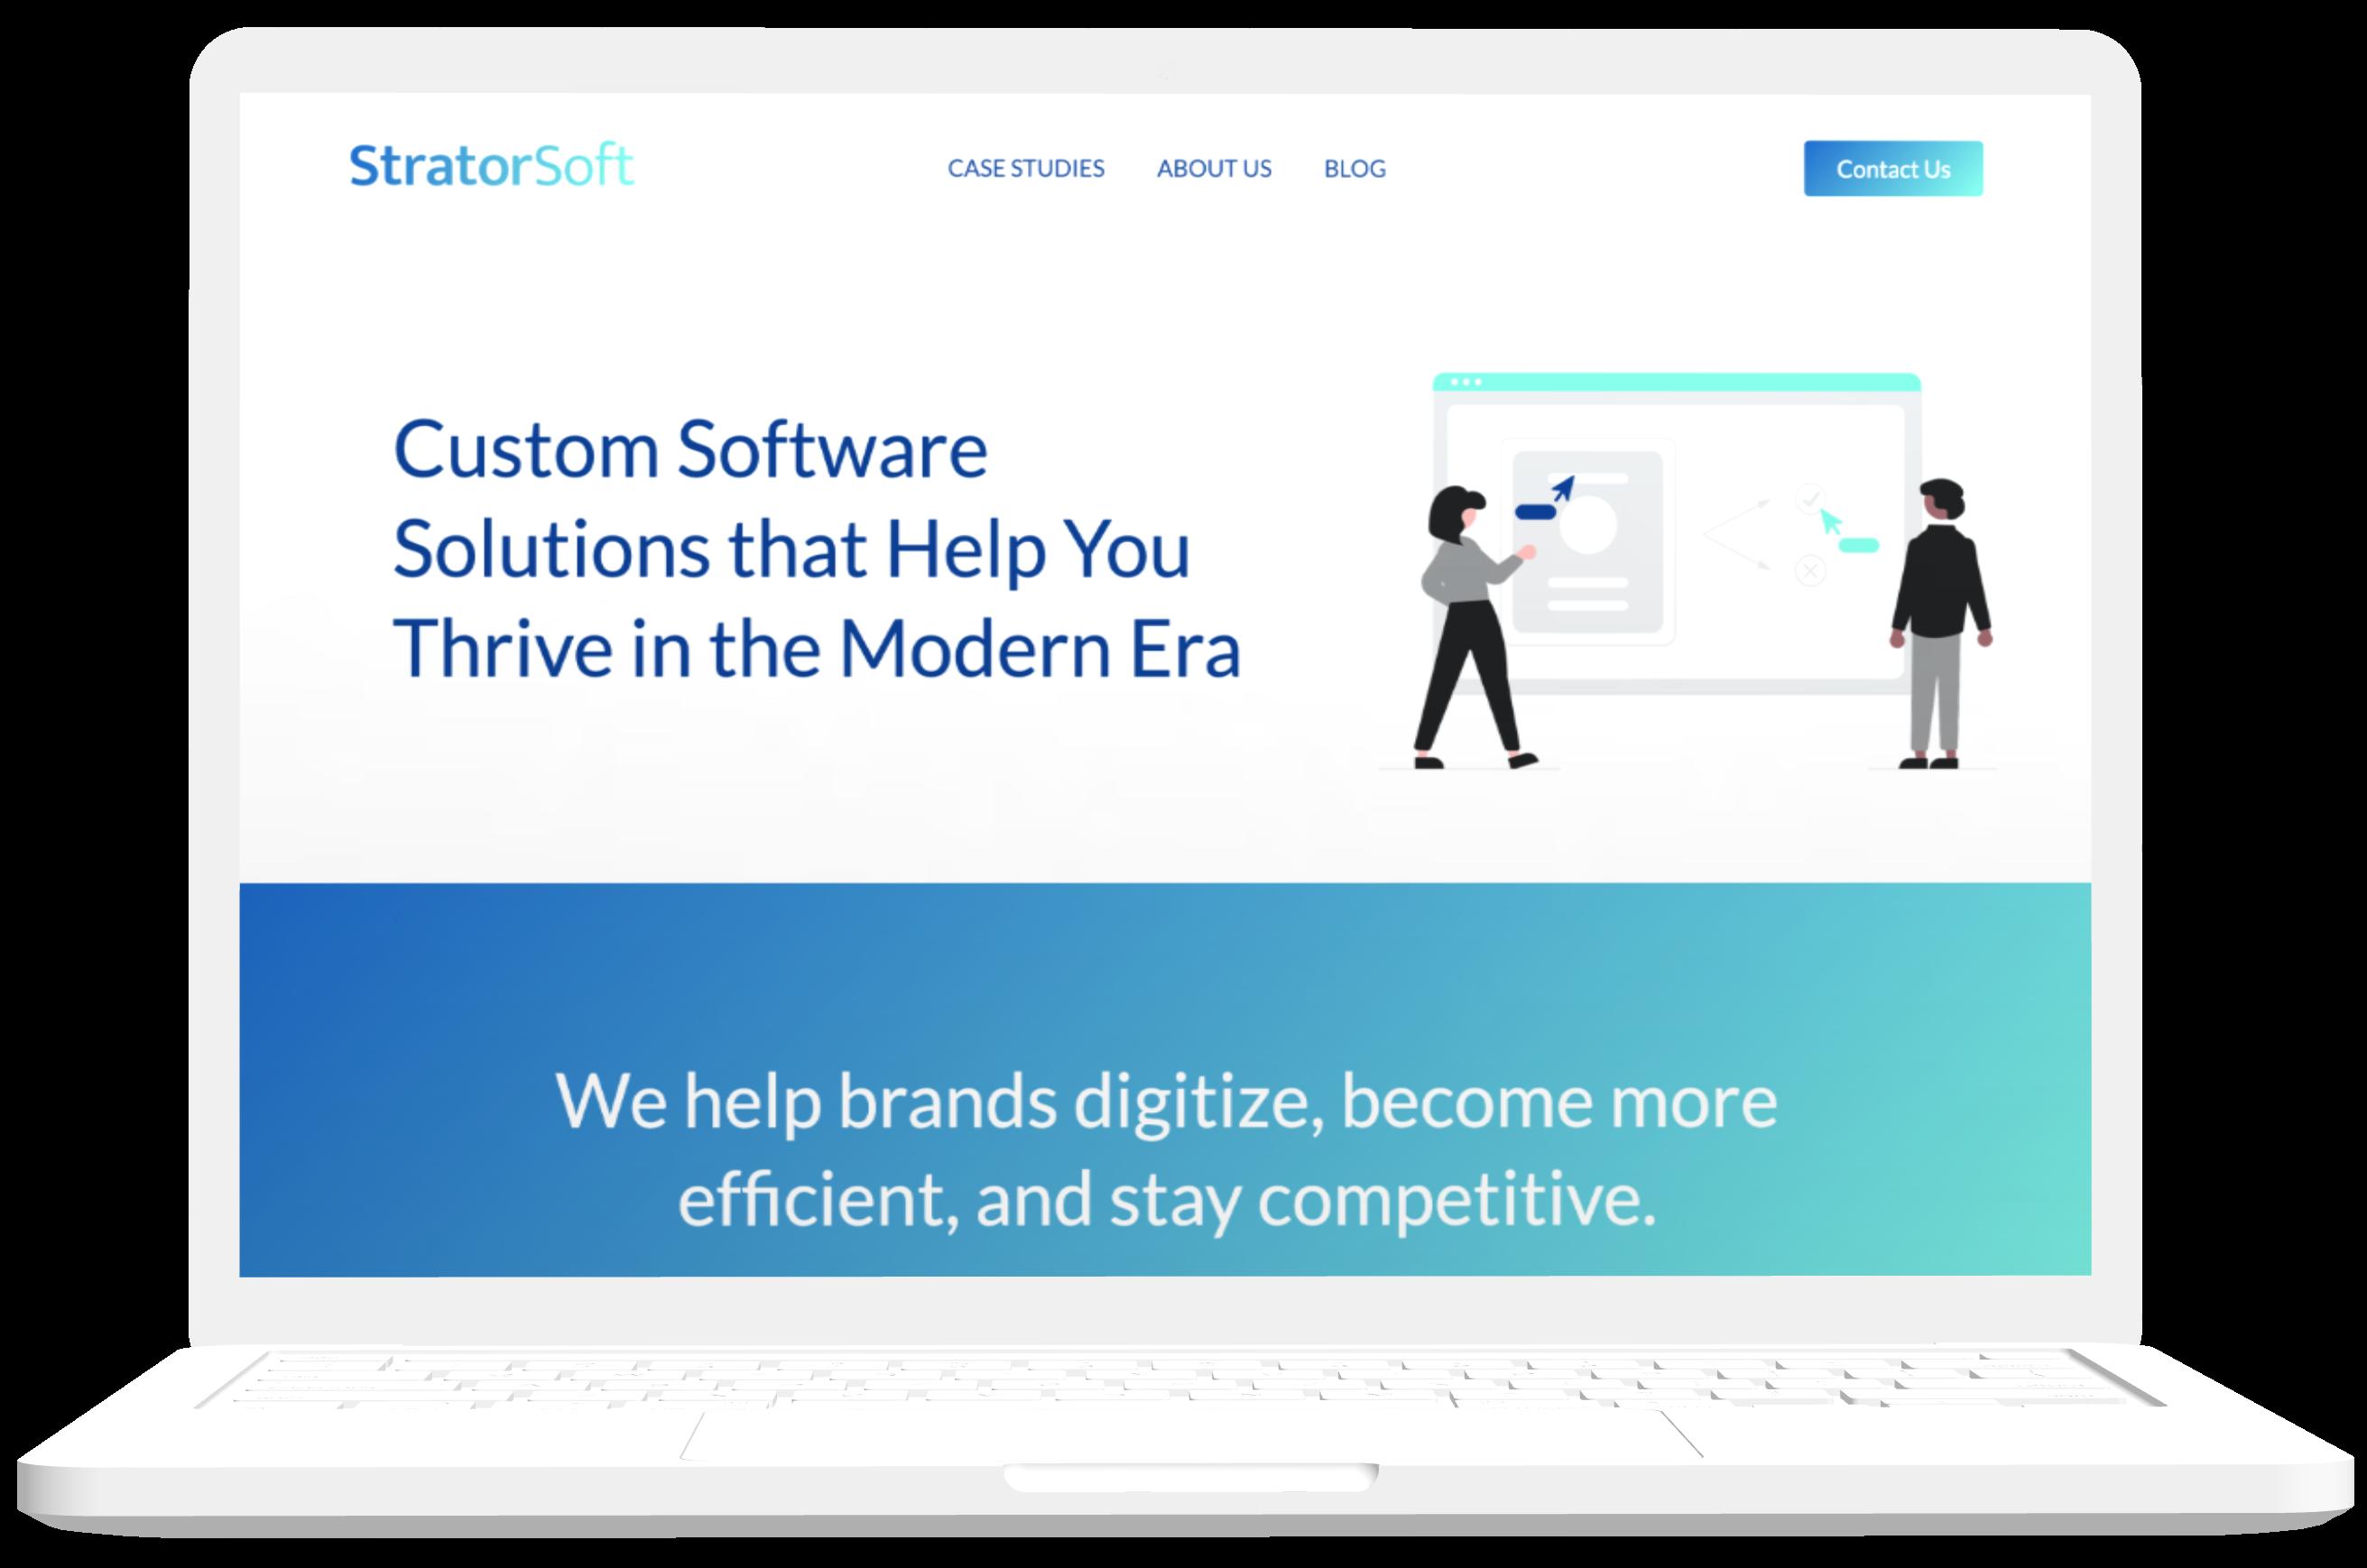 A macbook pro mockup showing StratorSoft's website design